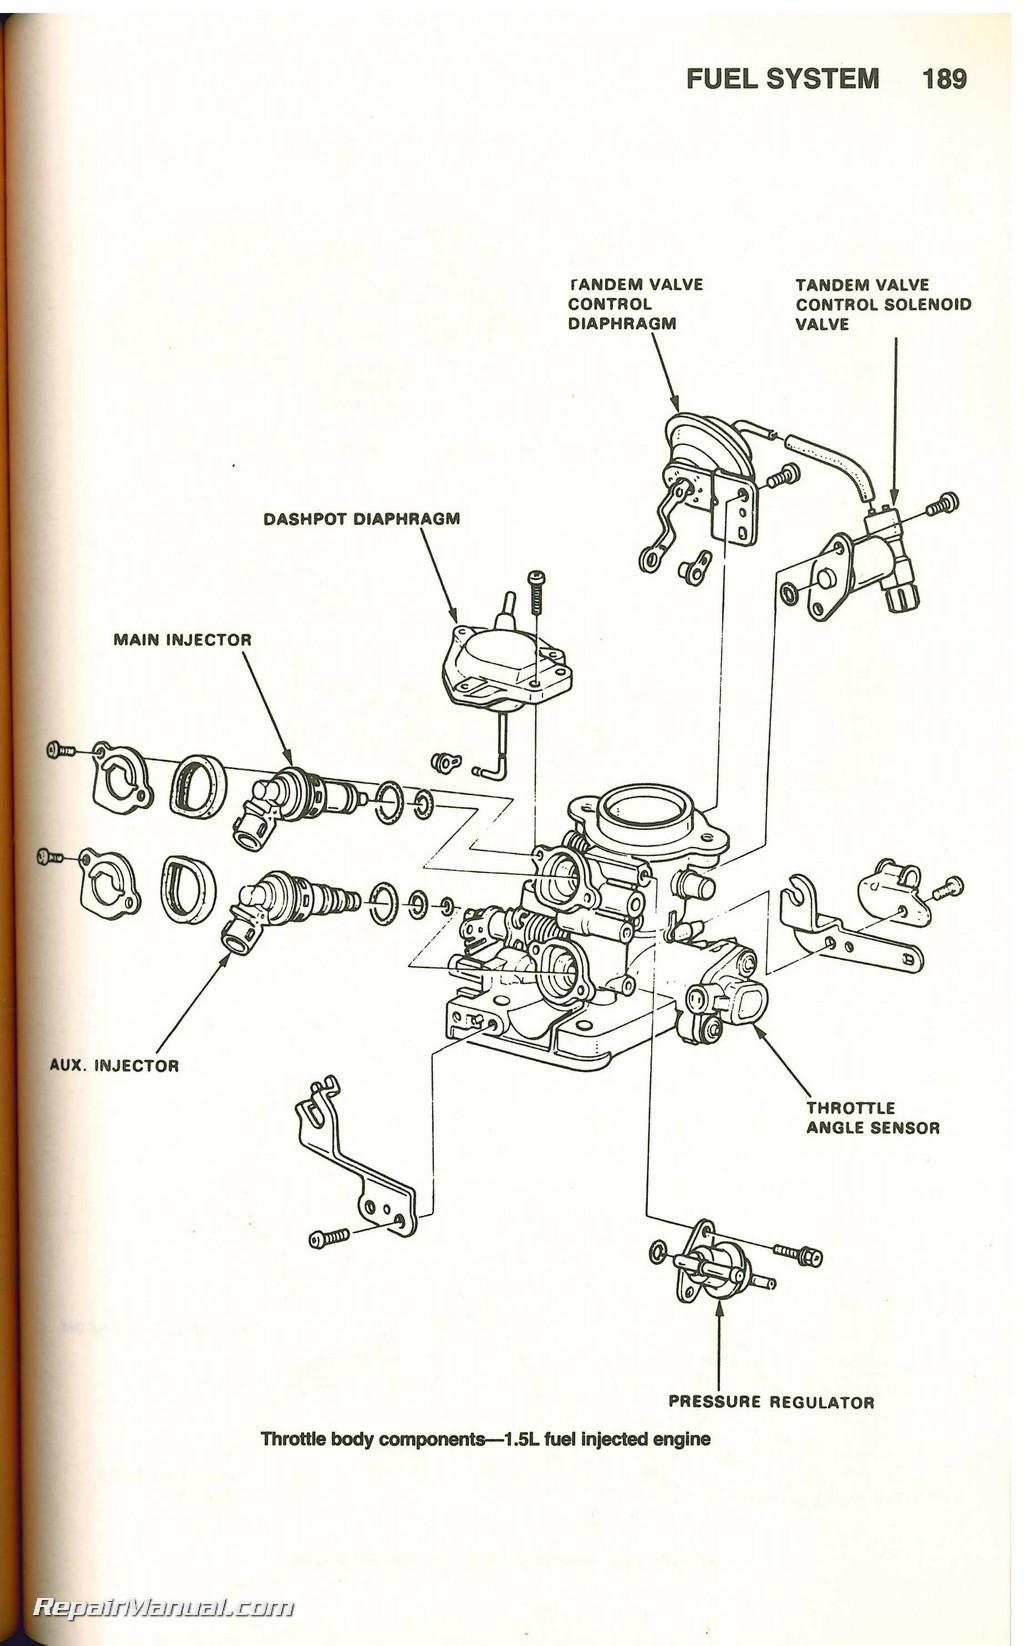 chilton repair manual free pdf